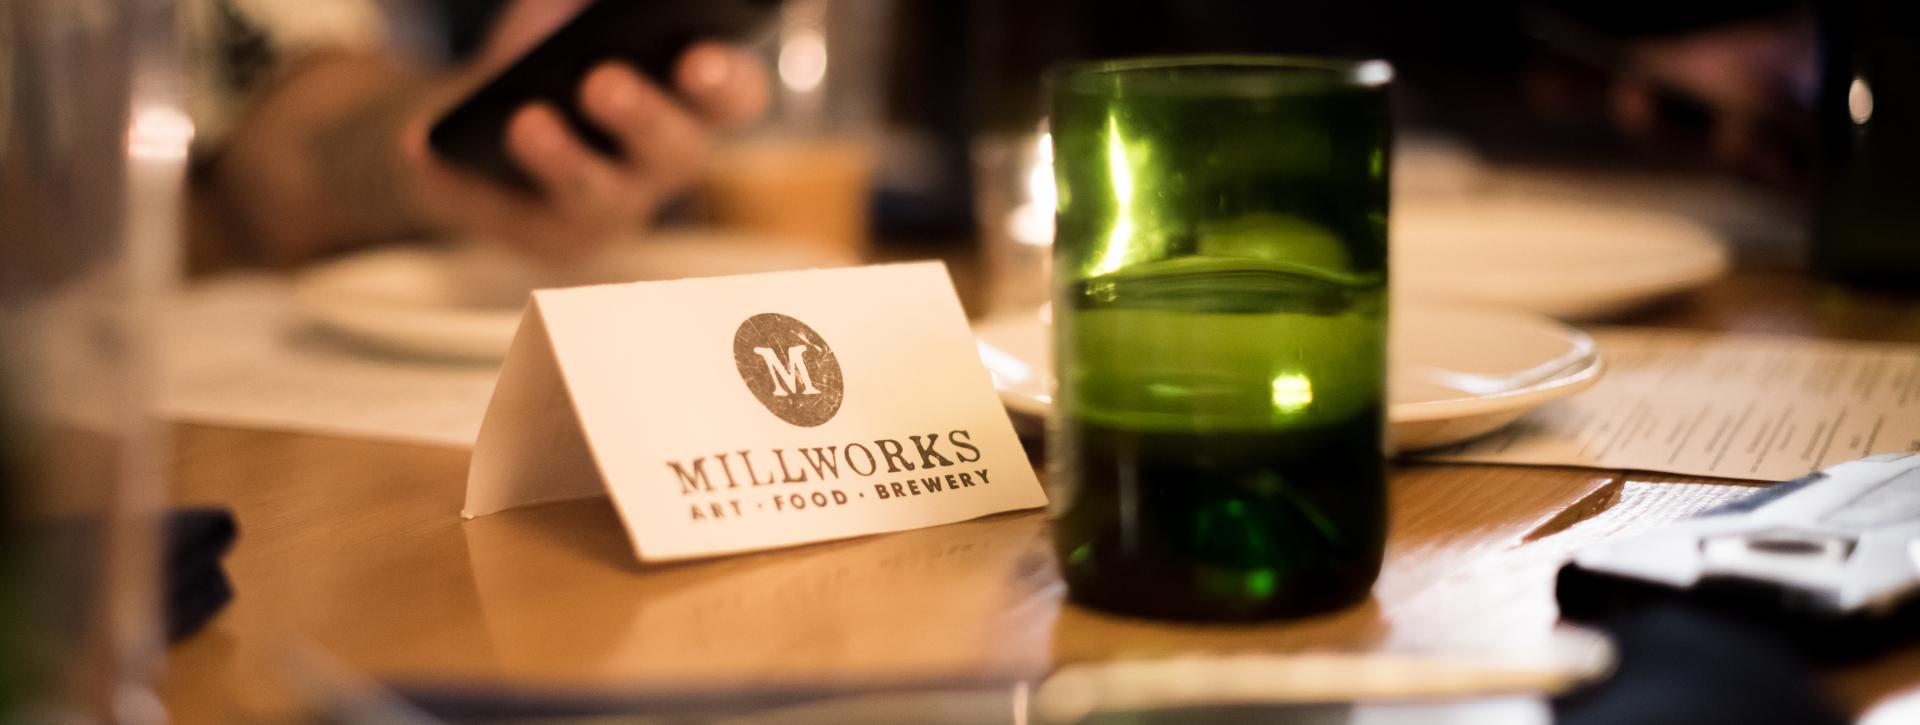 midtown-harrisburg-millworks